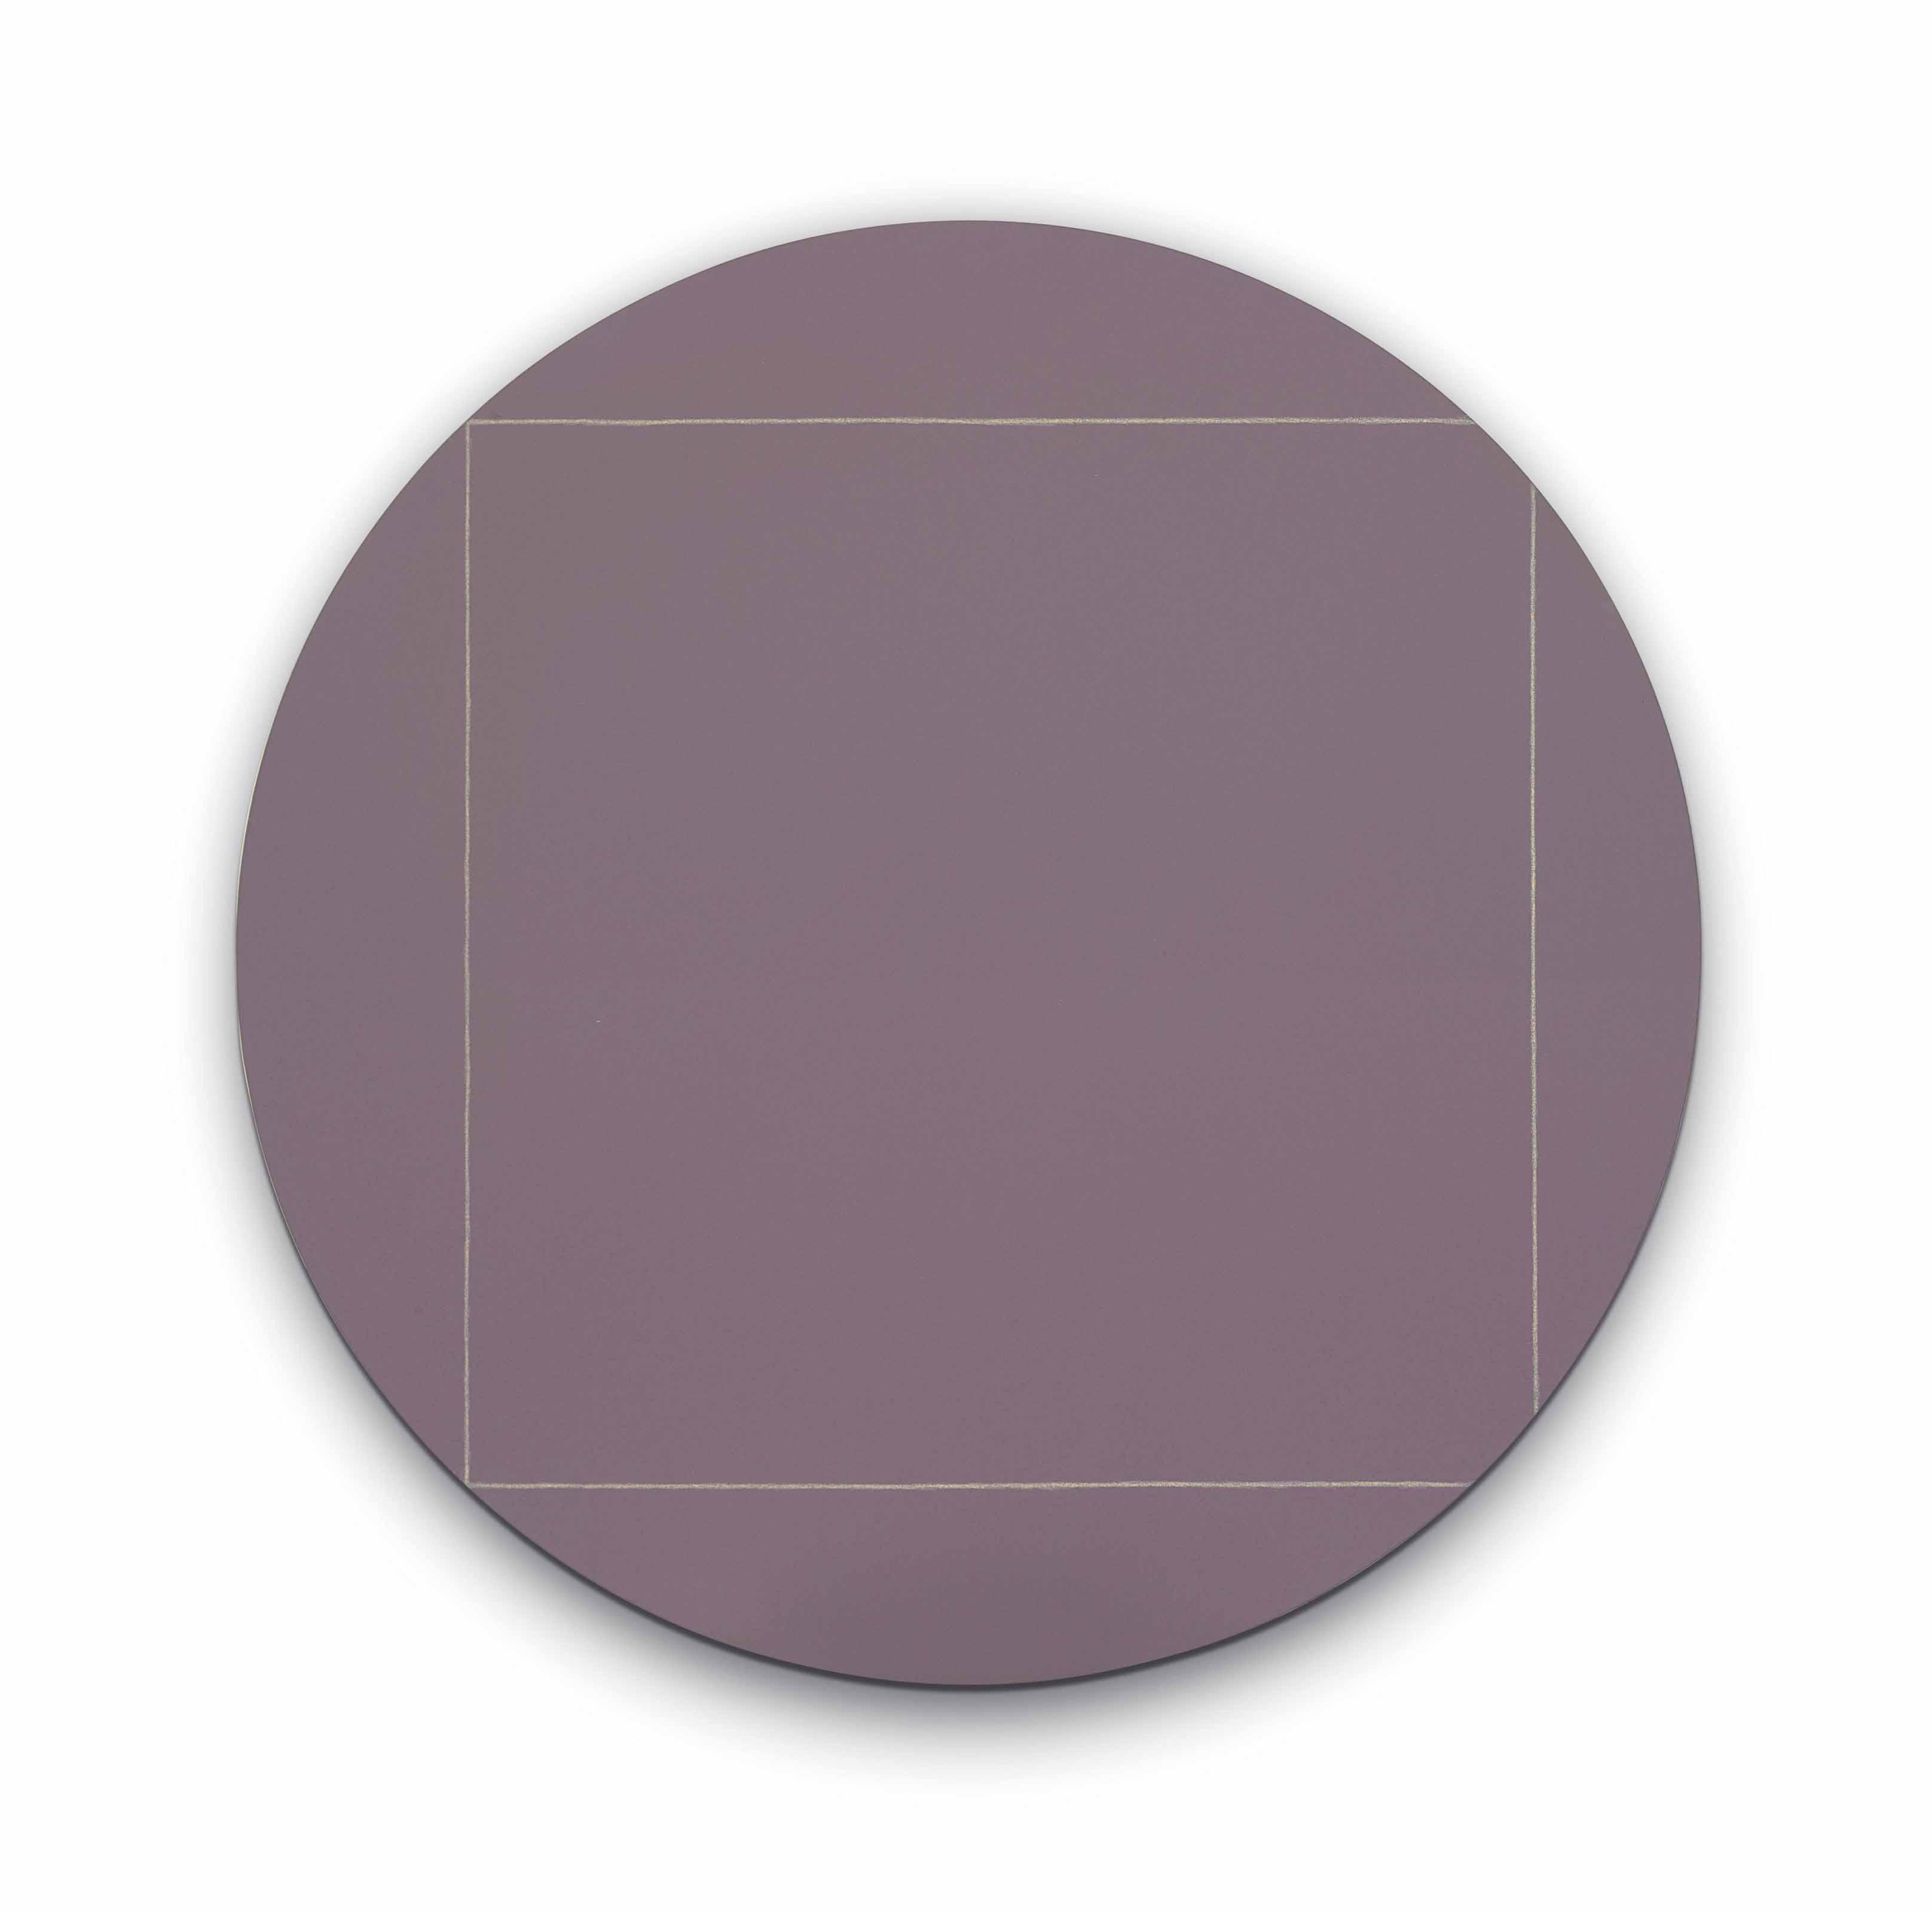 Circle Painting #4